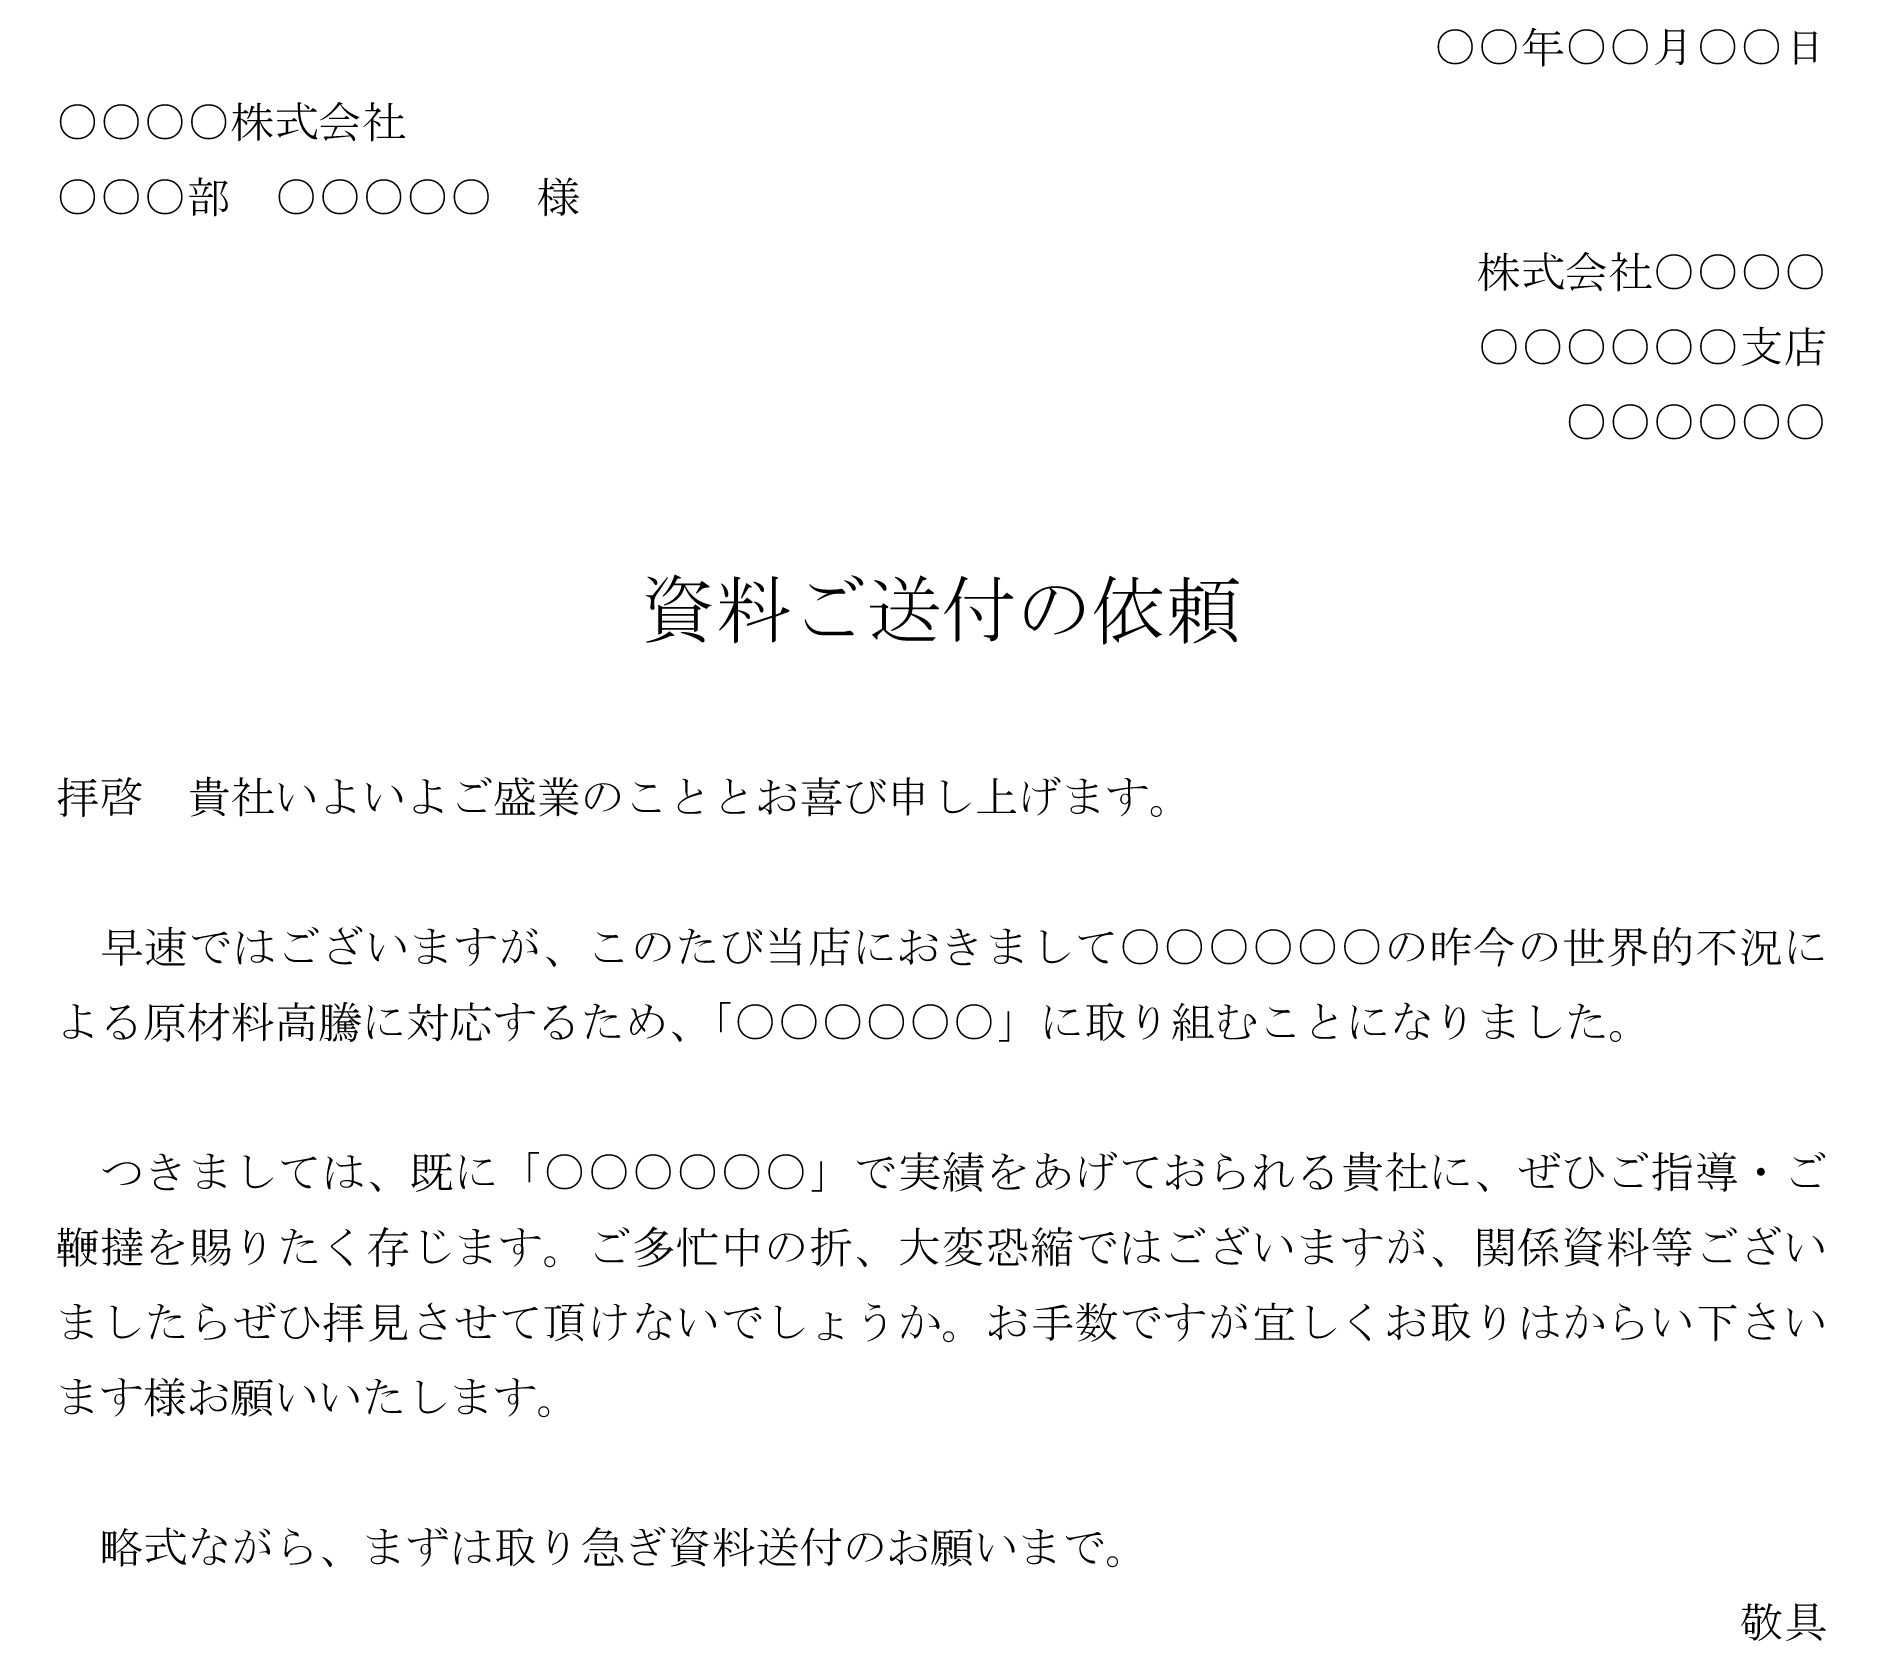 依頼状(資料送付)02